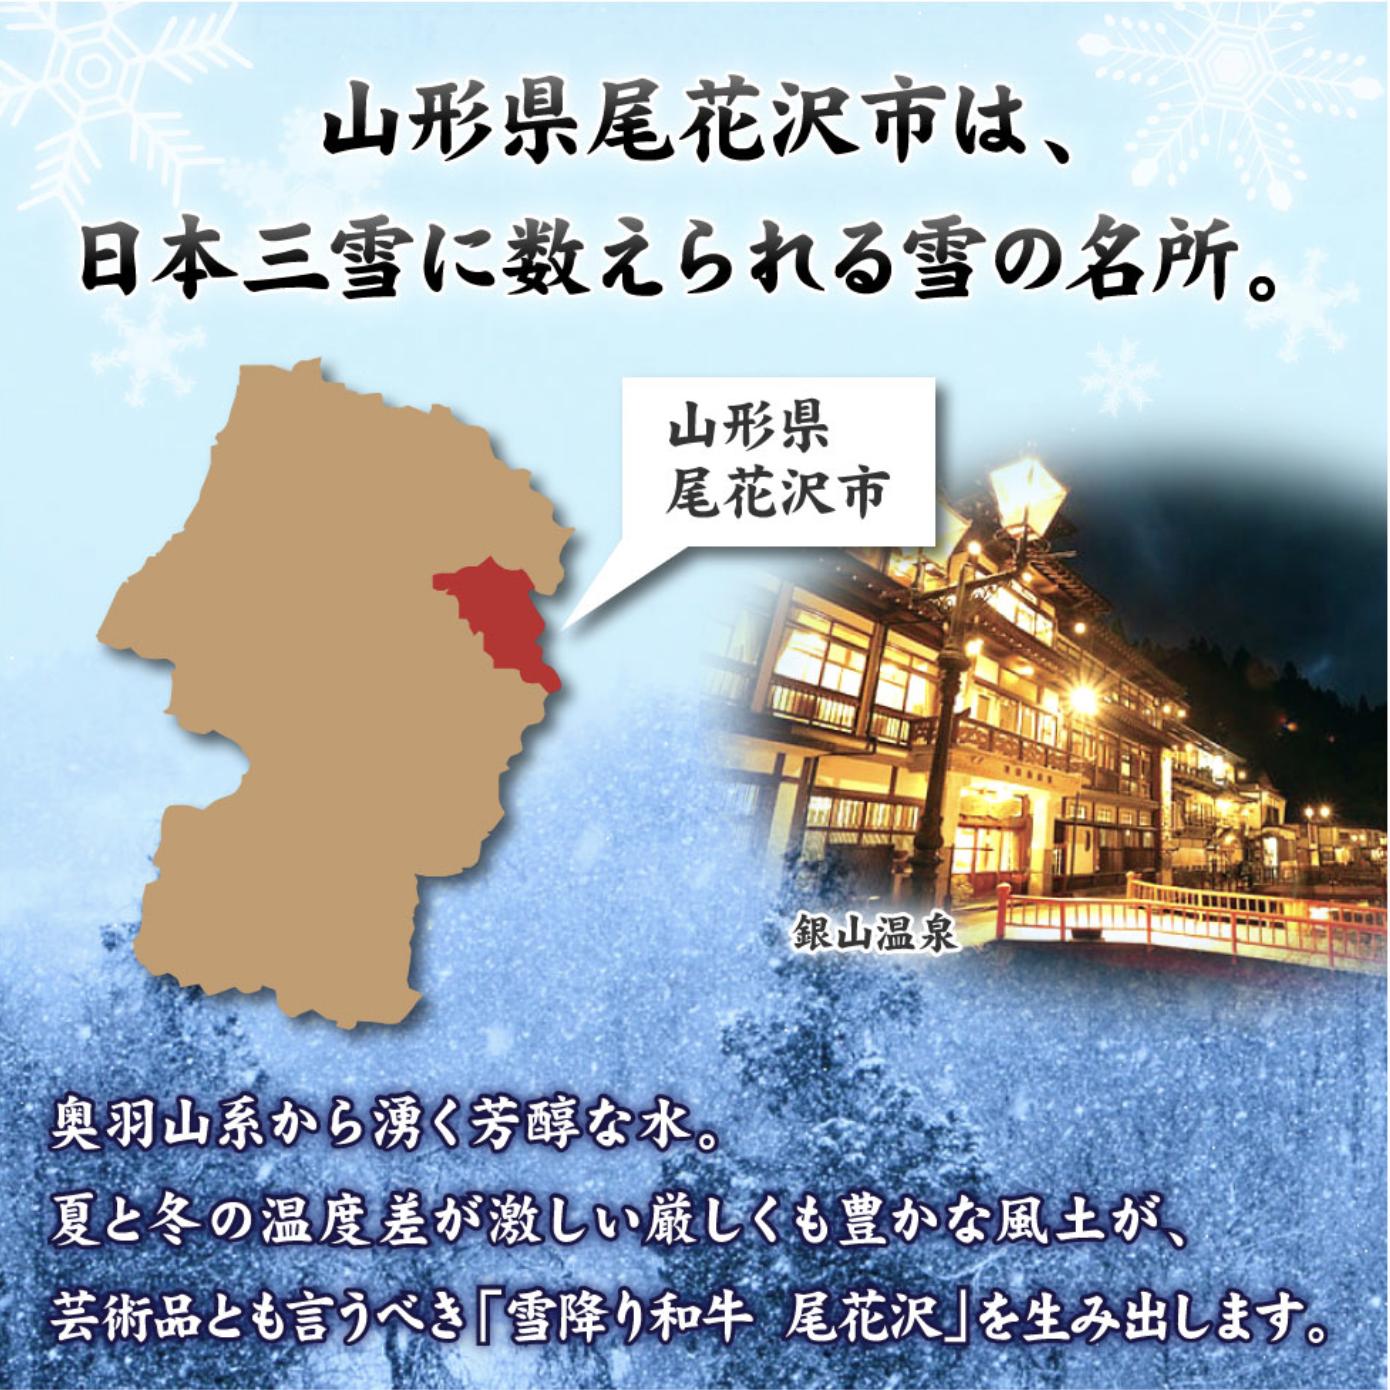 【雪降り和牛】すき焼き用サーロイン 5人前1kg